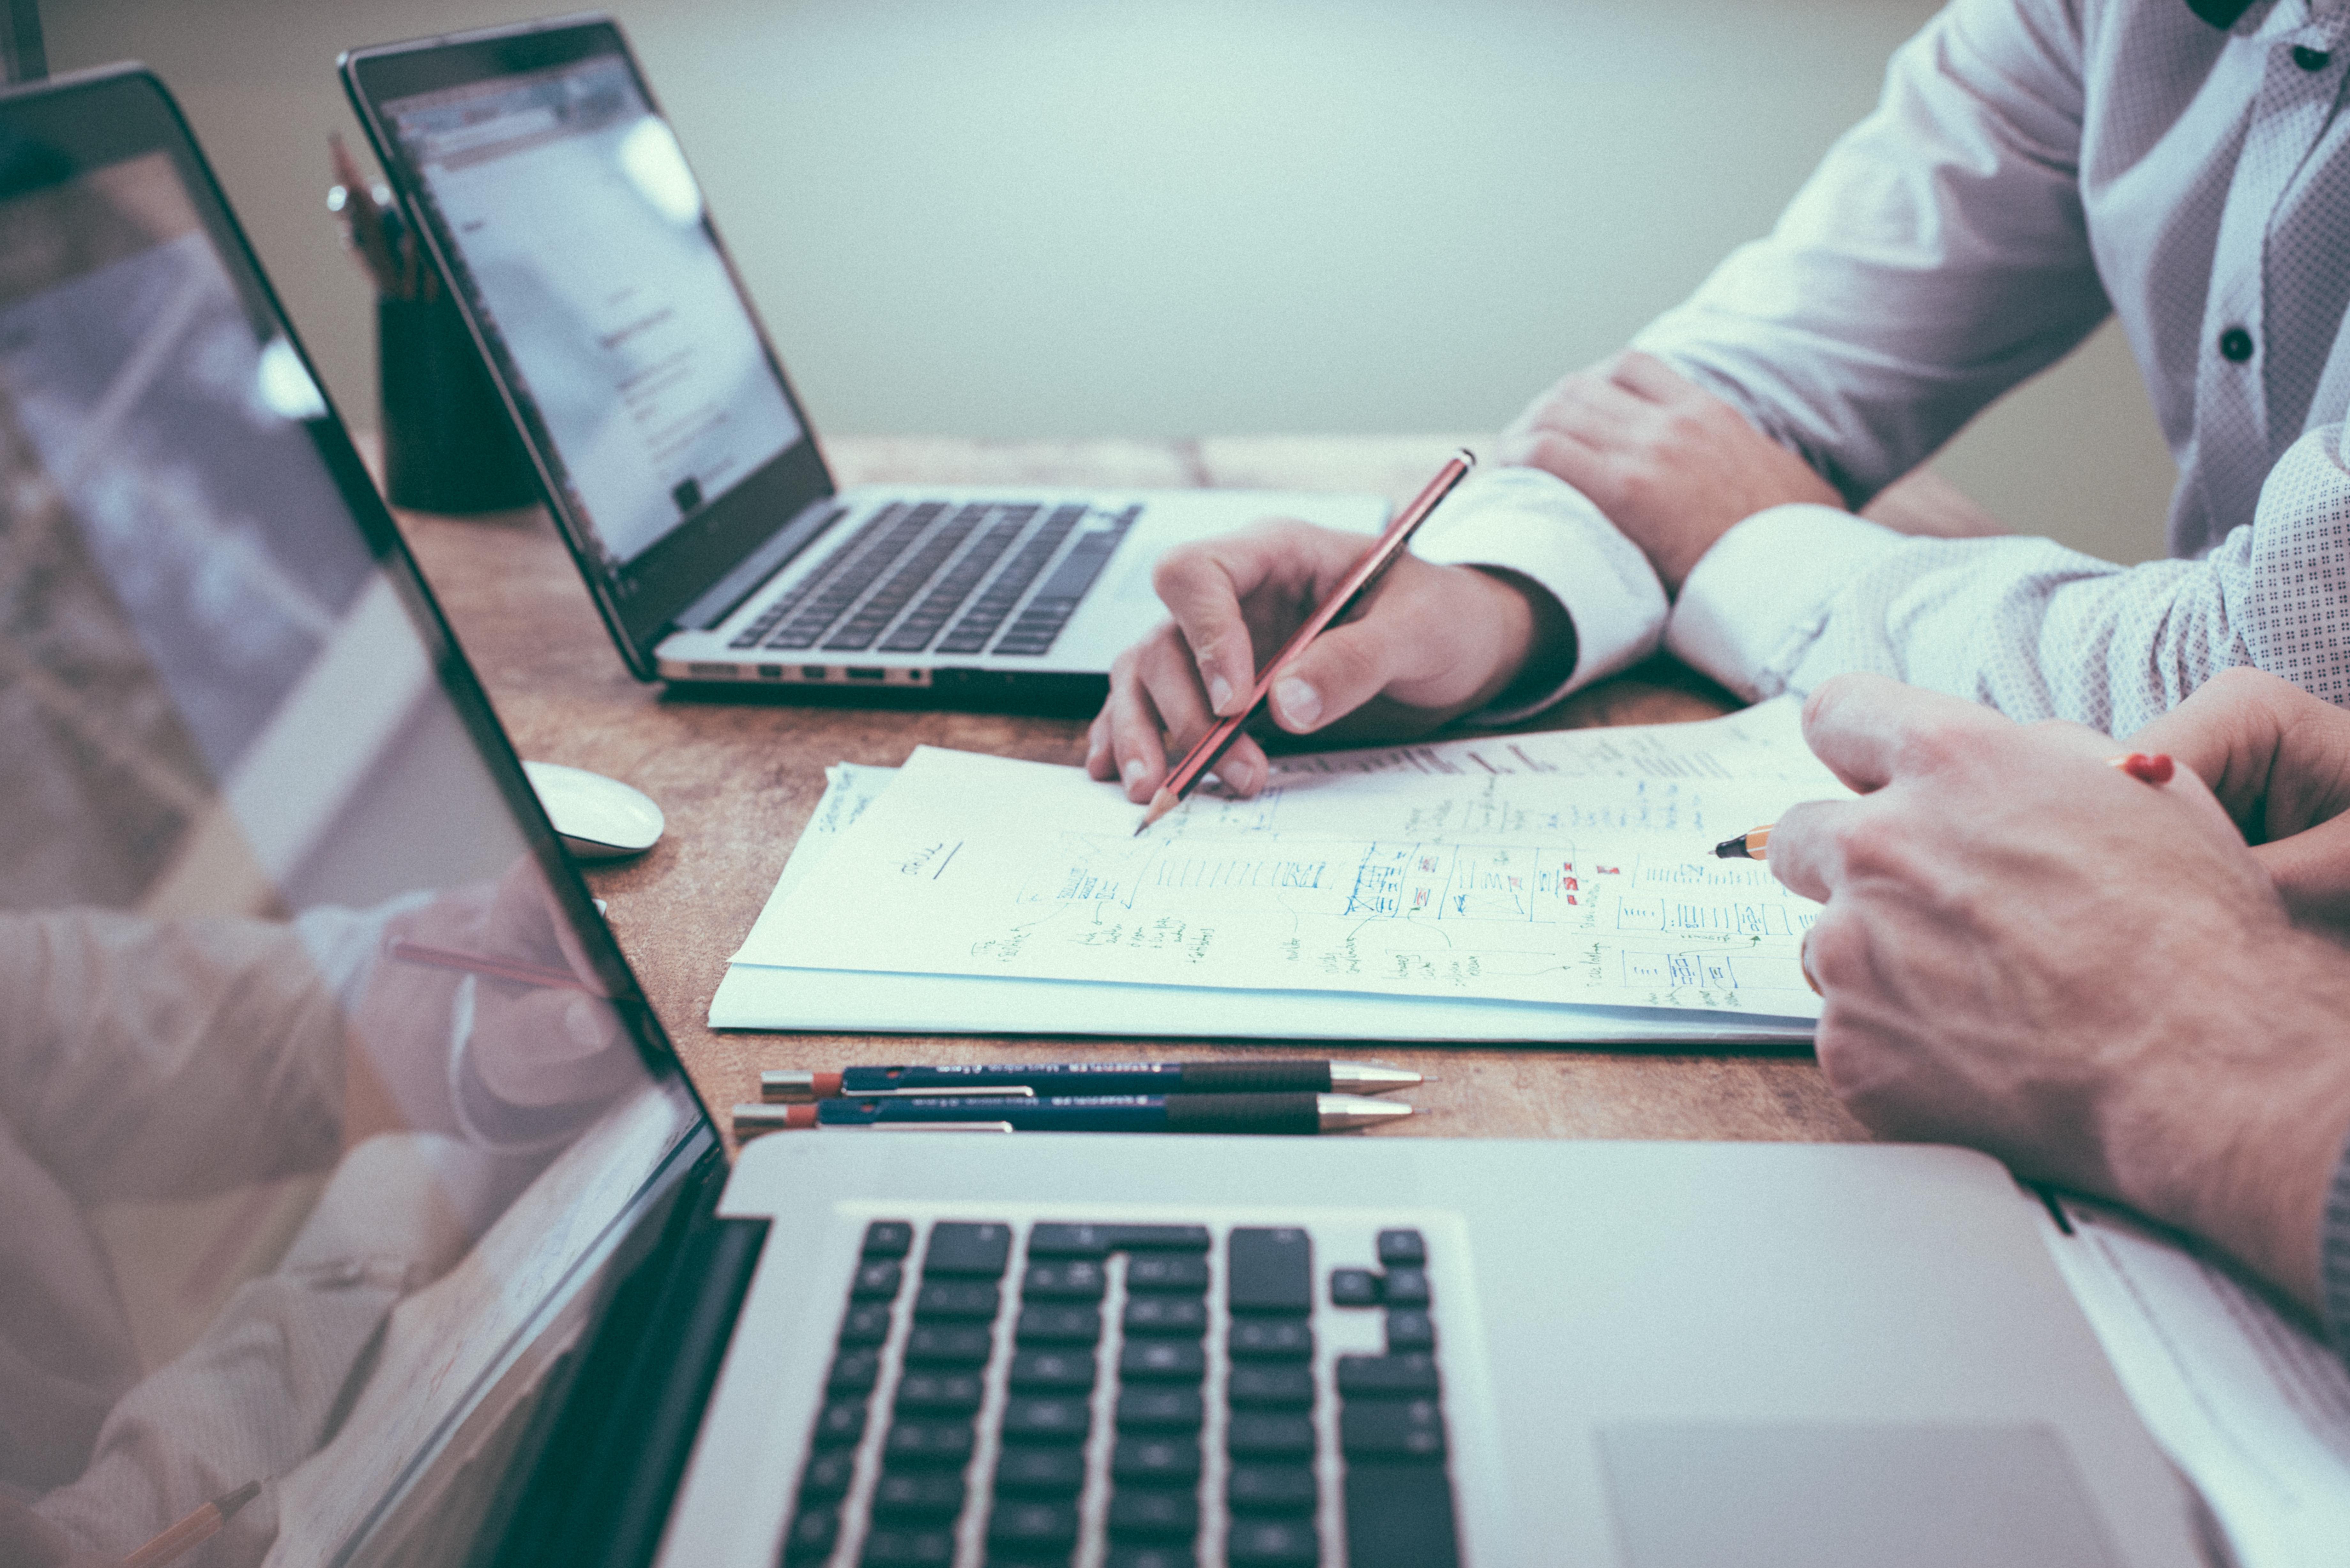 Mesa de trabalho, com dois computadores, folhas de anotação e duas pessoas fazendo contas.